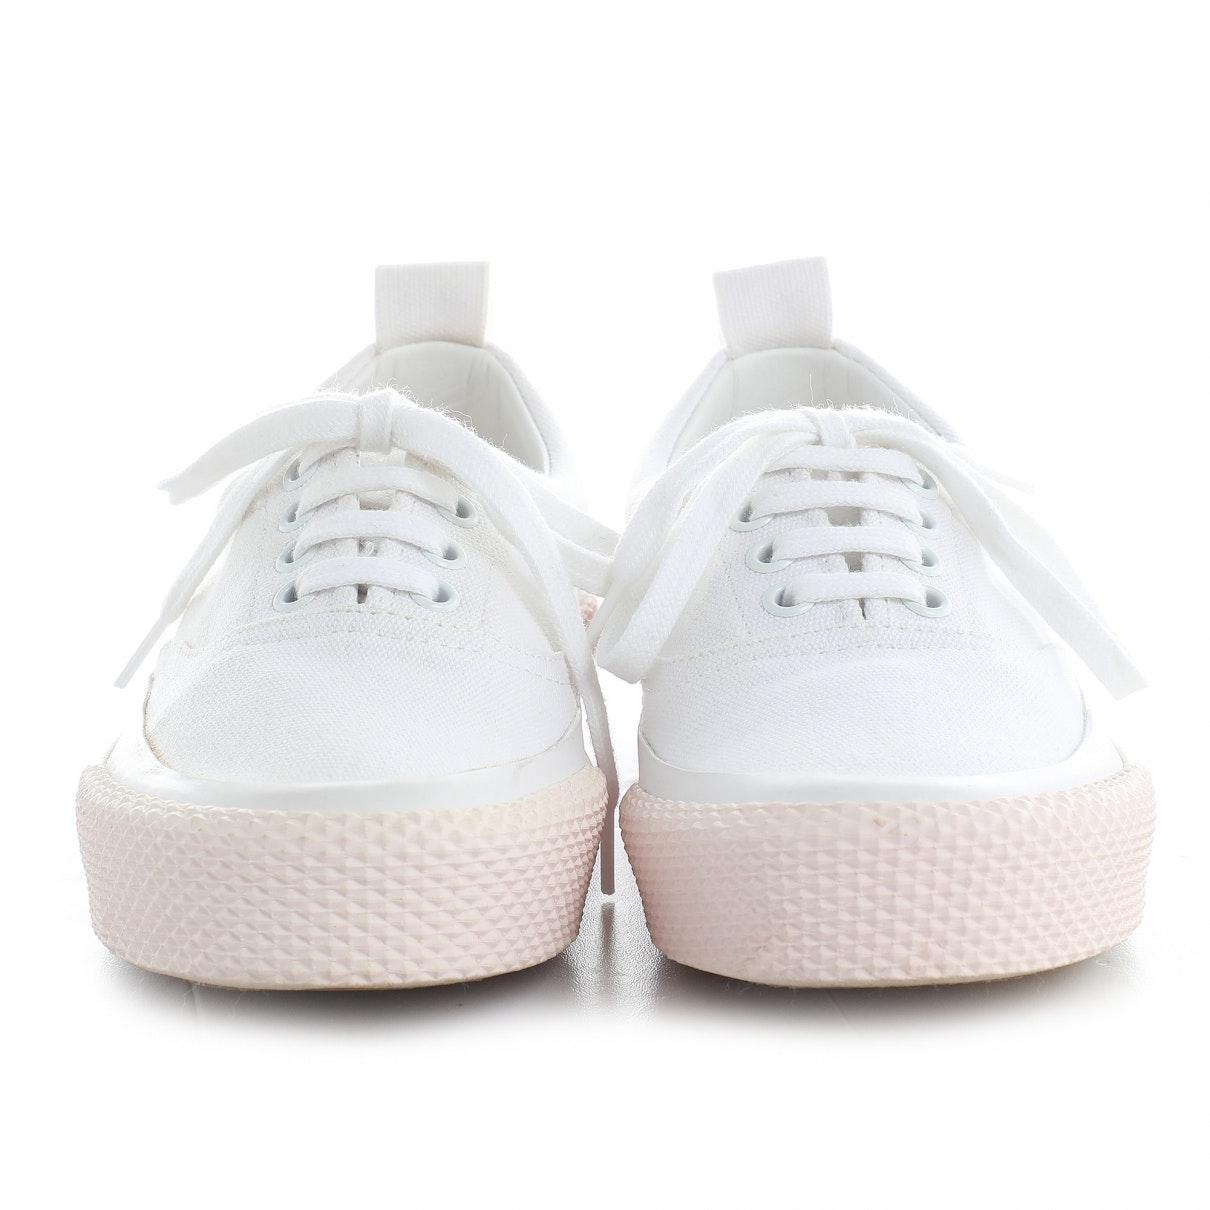 Deportivas en lona blanco Celine de Lona de color Blanco